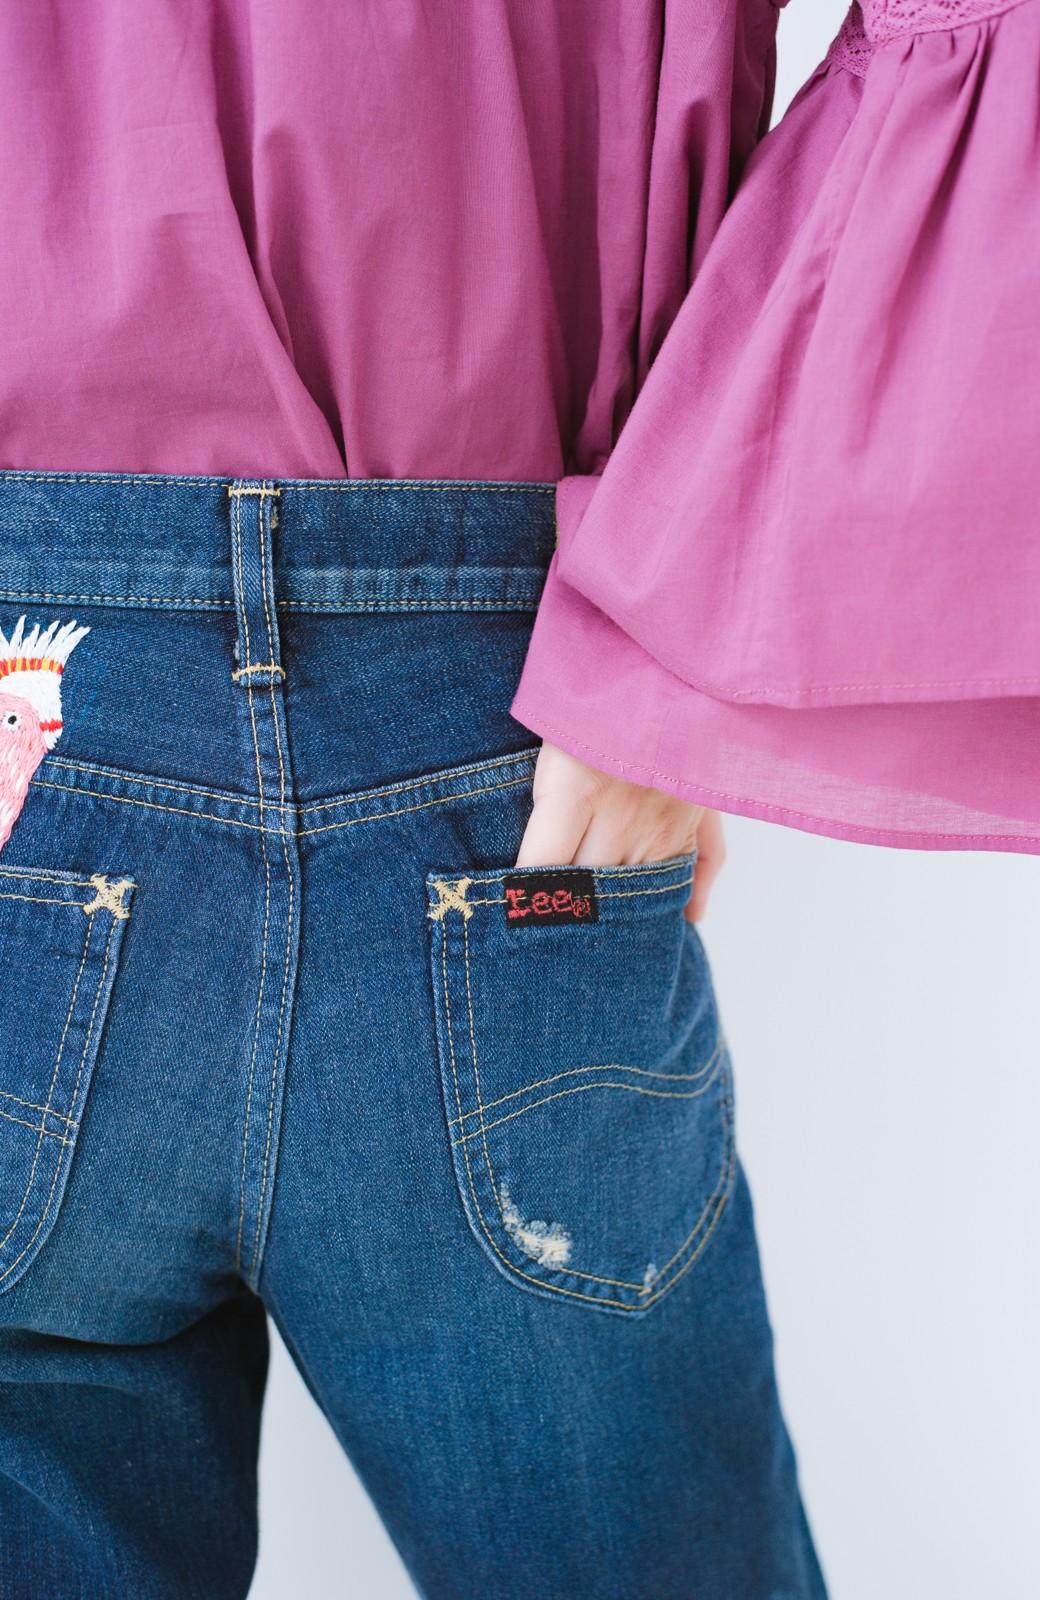 haco! Stitch by Stitch ポケットから大好きな鳥さんがこんにちは!Lee for PBP シルエットがきれいなデニムパンツ <インディゴブルー>の商品写真8